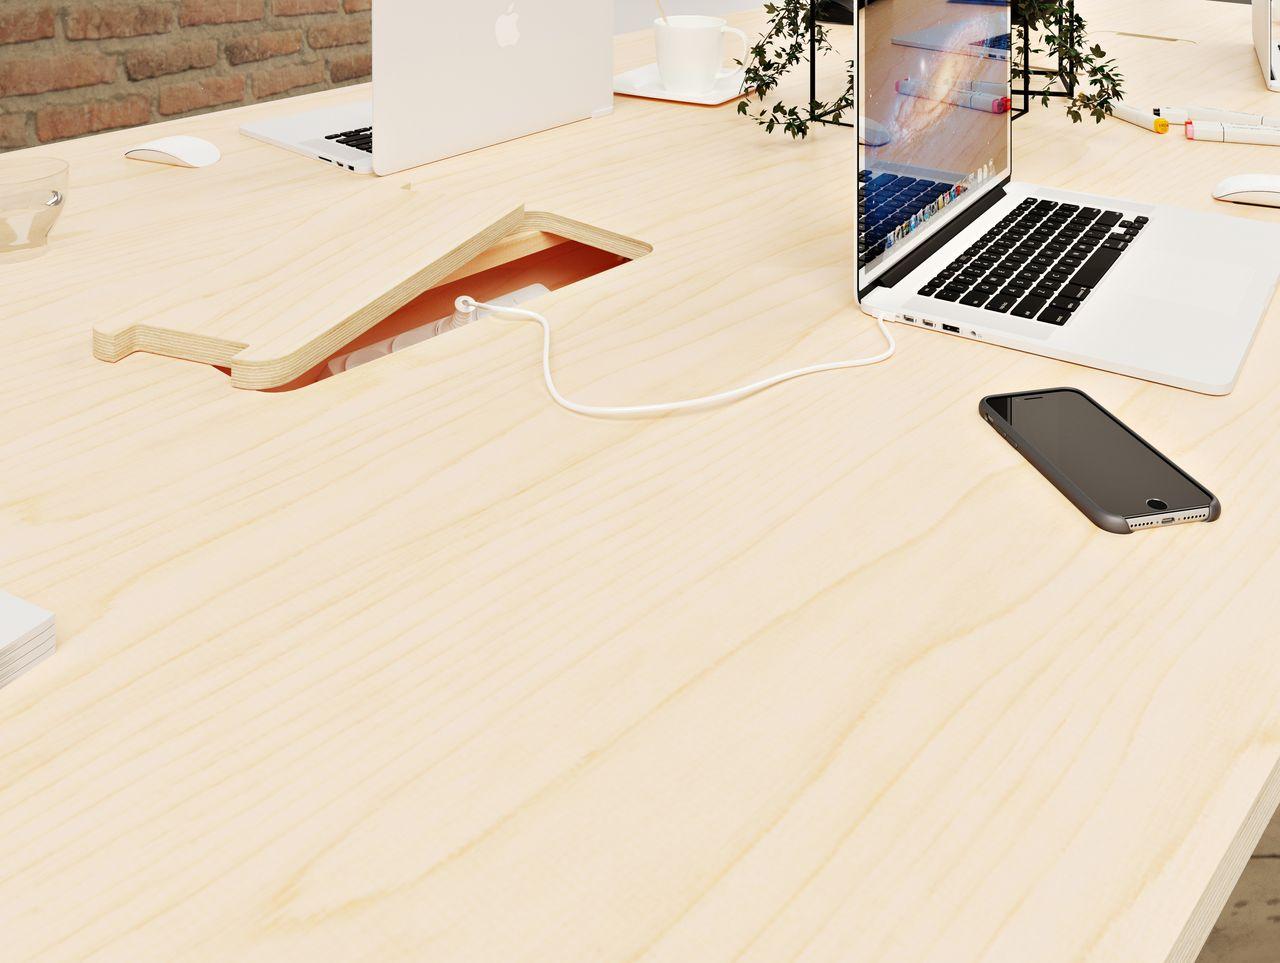 Table de réunion en bois avec des prises électriques intégrées au plateau et des ordinateurs branchés